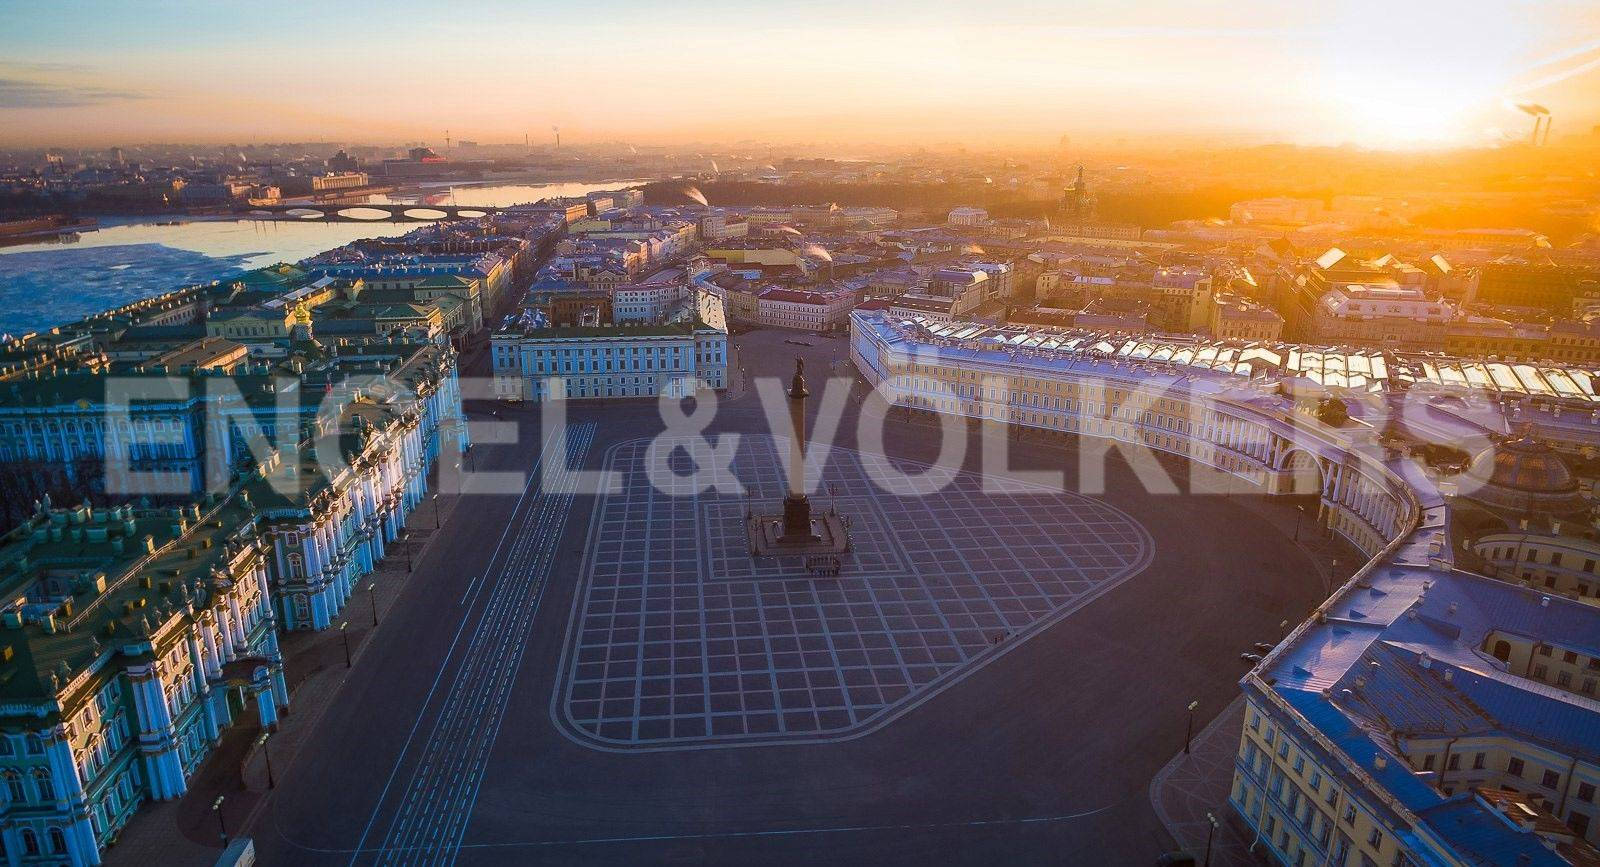 Элитные квартиры в Центральный р-н. Санкт-Петербург, Большая Морская, 4. Ансамбль Дворцовой площади